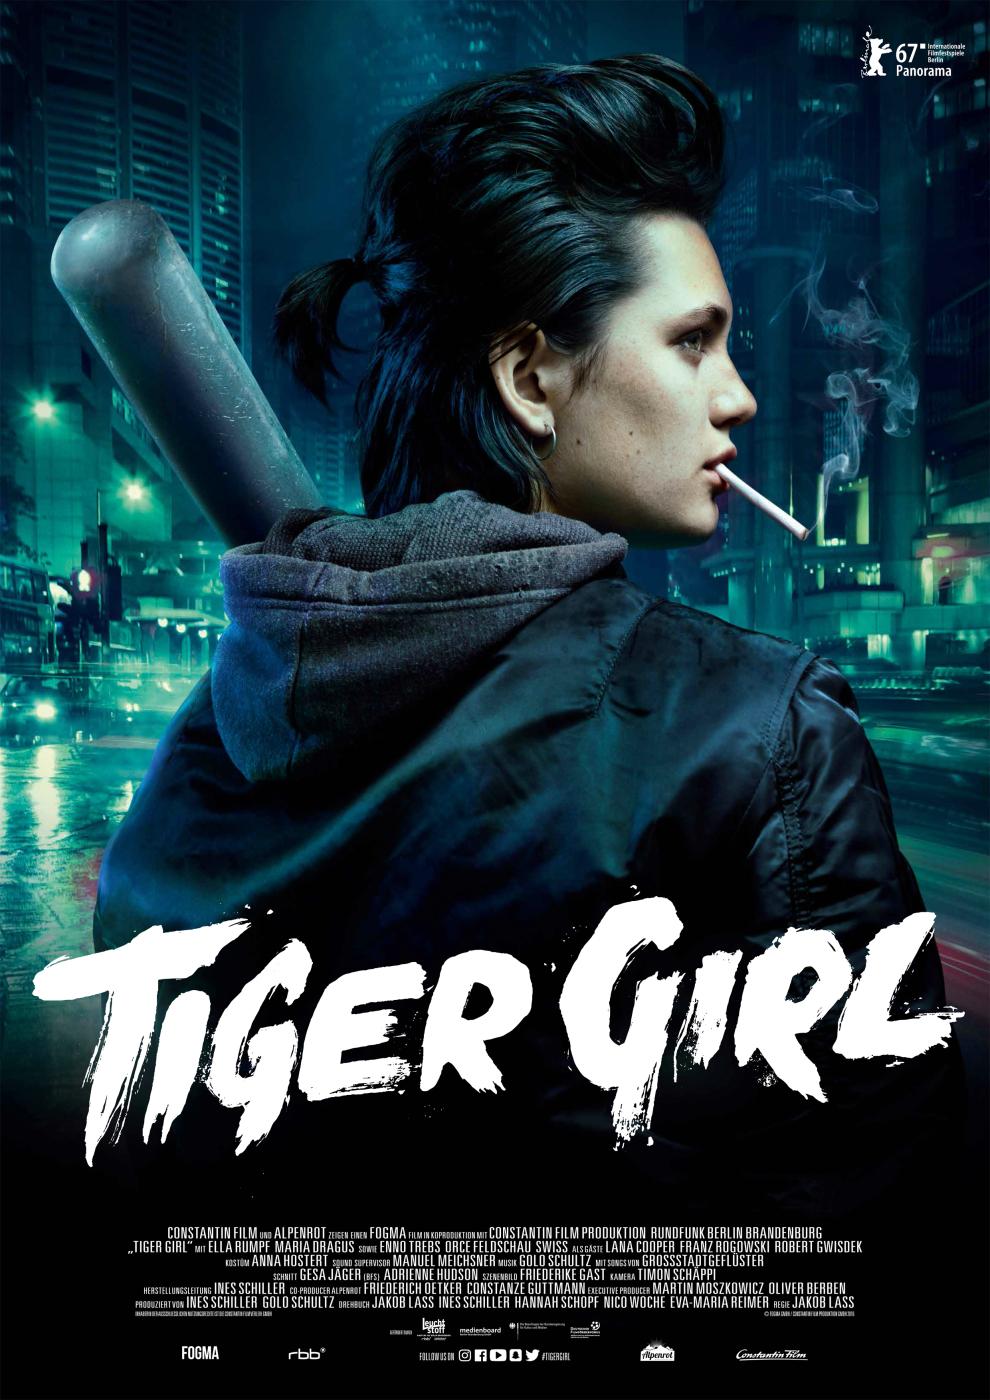 Tiger Girl Kritik